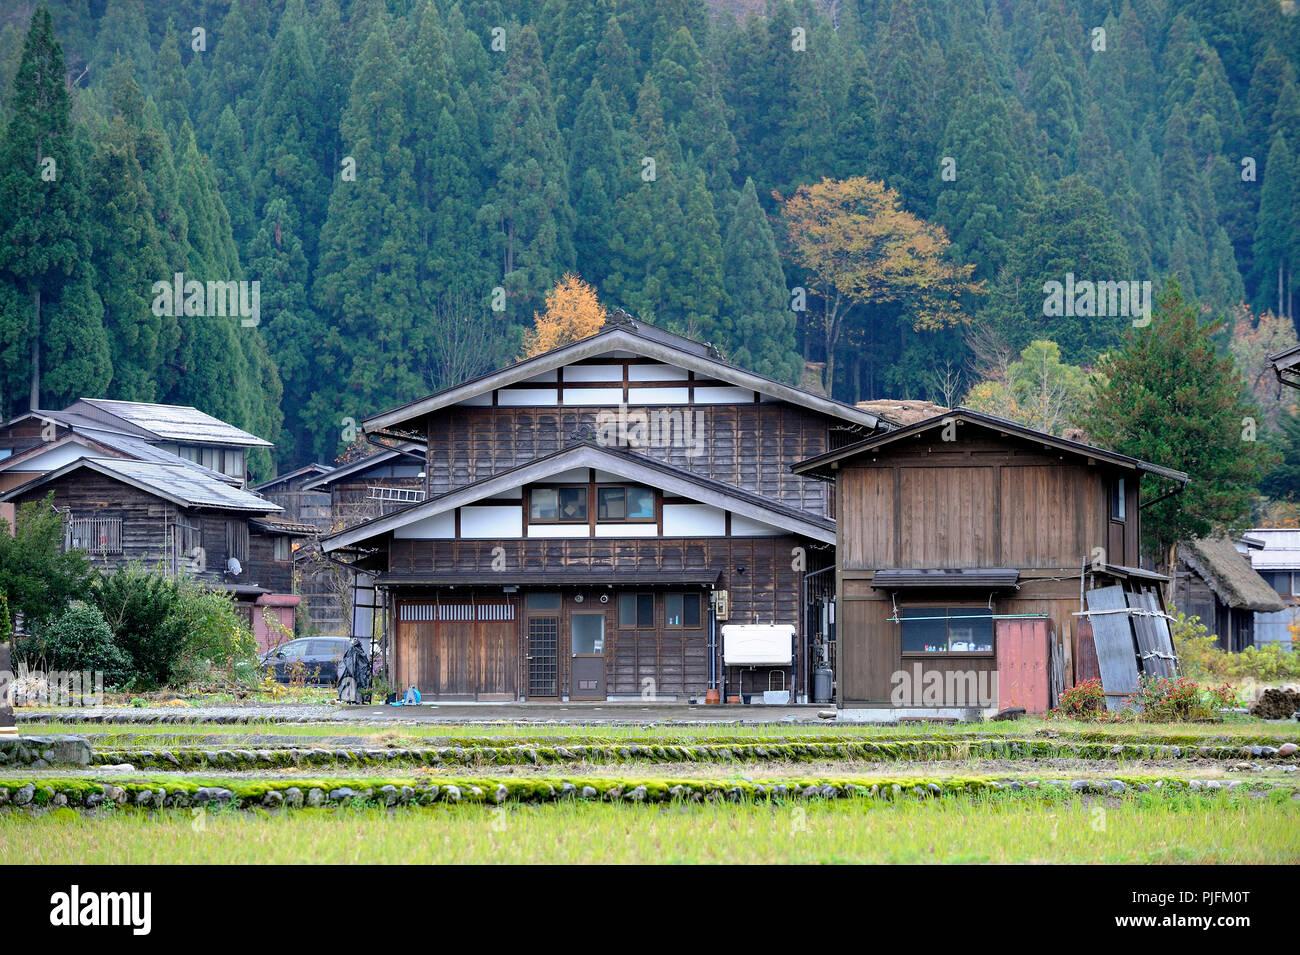 Japan, Japanische Alpen, Shirakawa, alte Häuser Stockfoto, Bild